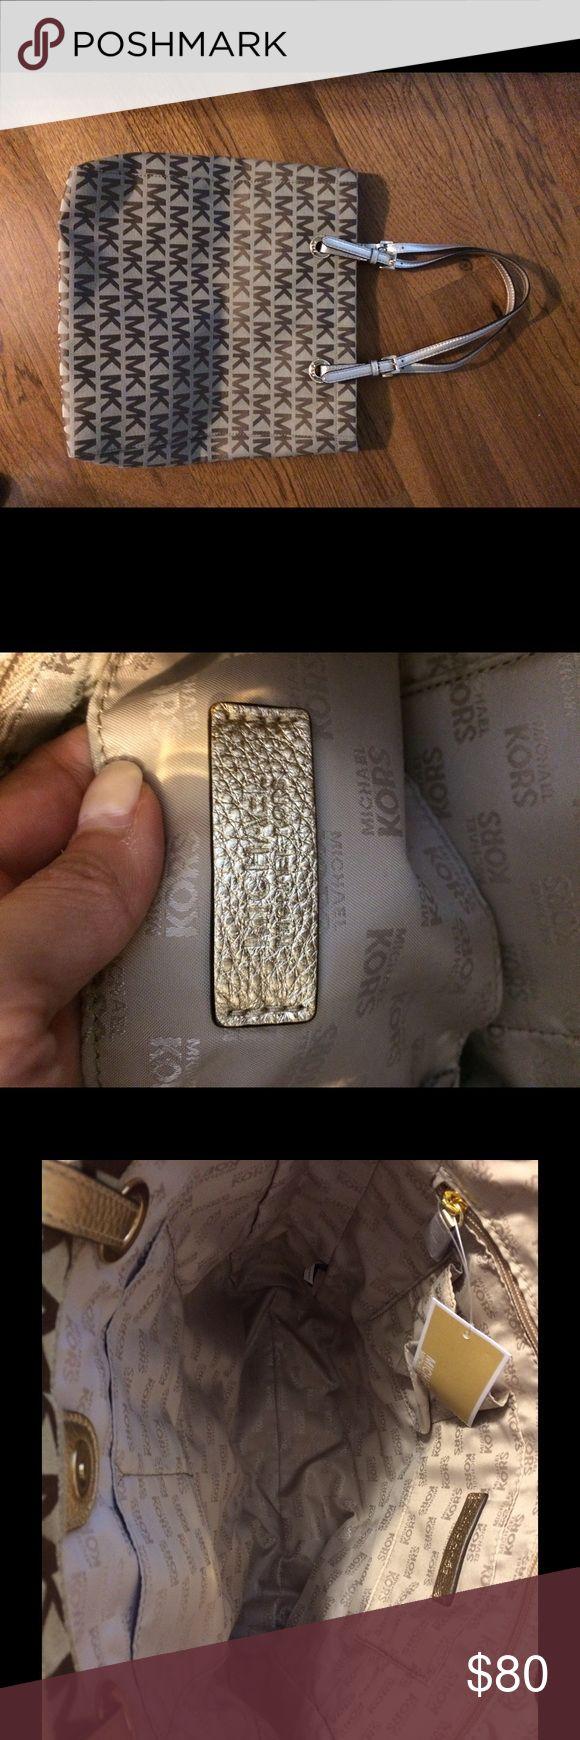 Michael Kors Jet Setter Bag Brand new Michael Kors bag. Never been used. Make an offer! KORS Michael Kors Bags